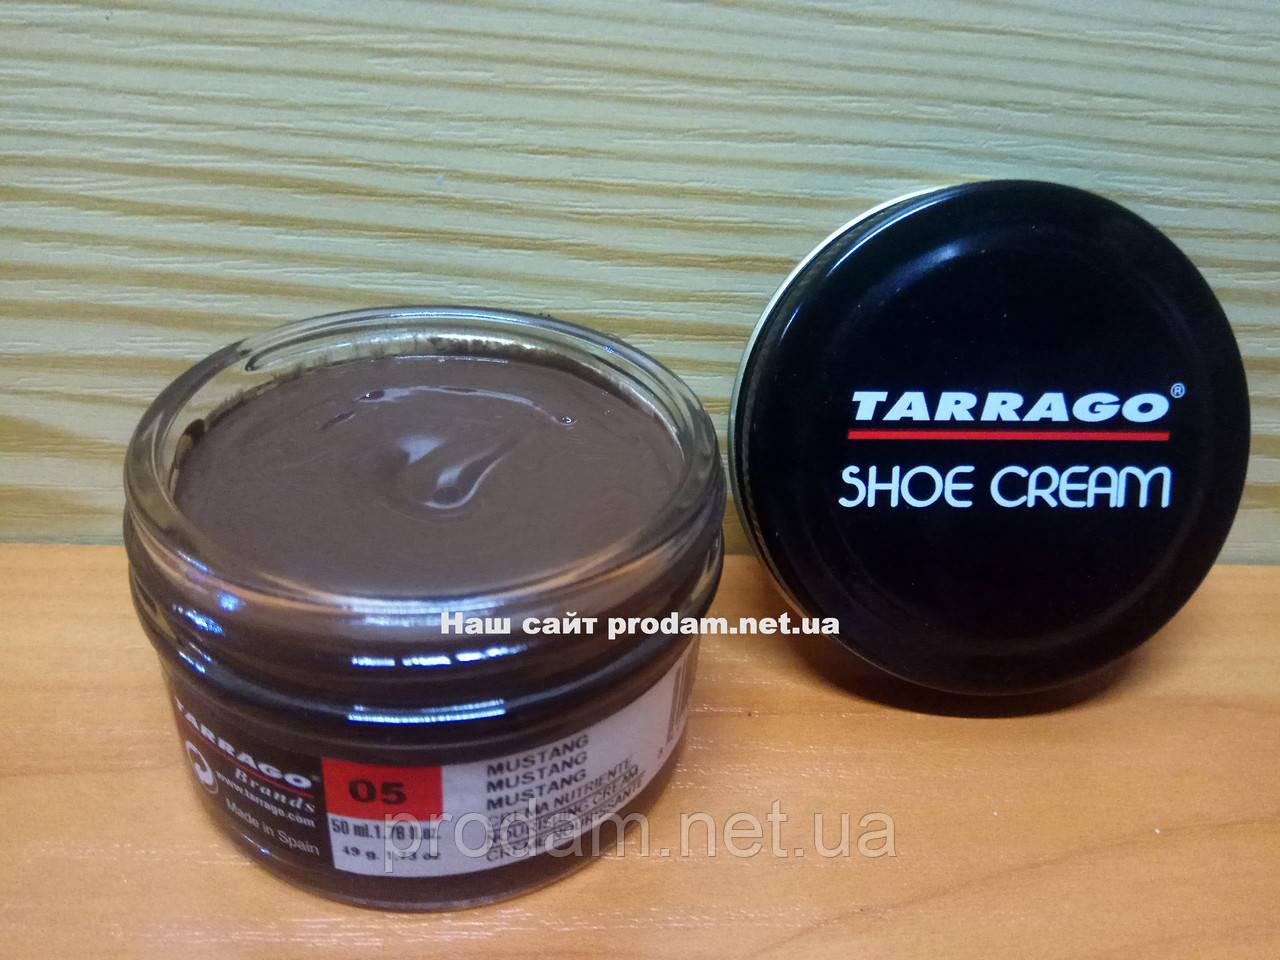 Крем для обуви Tarrago - (05) Mustang